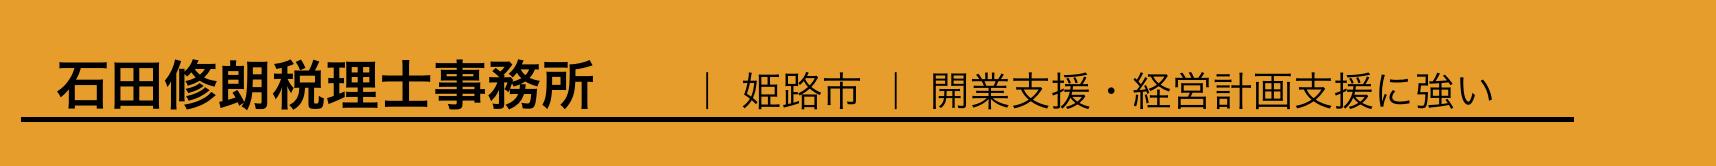 石田修朗税理士事務所